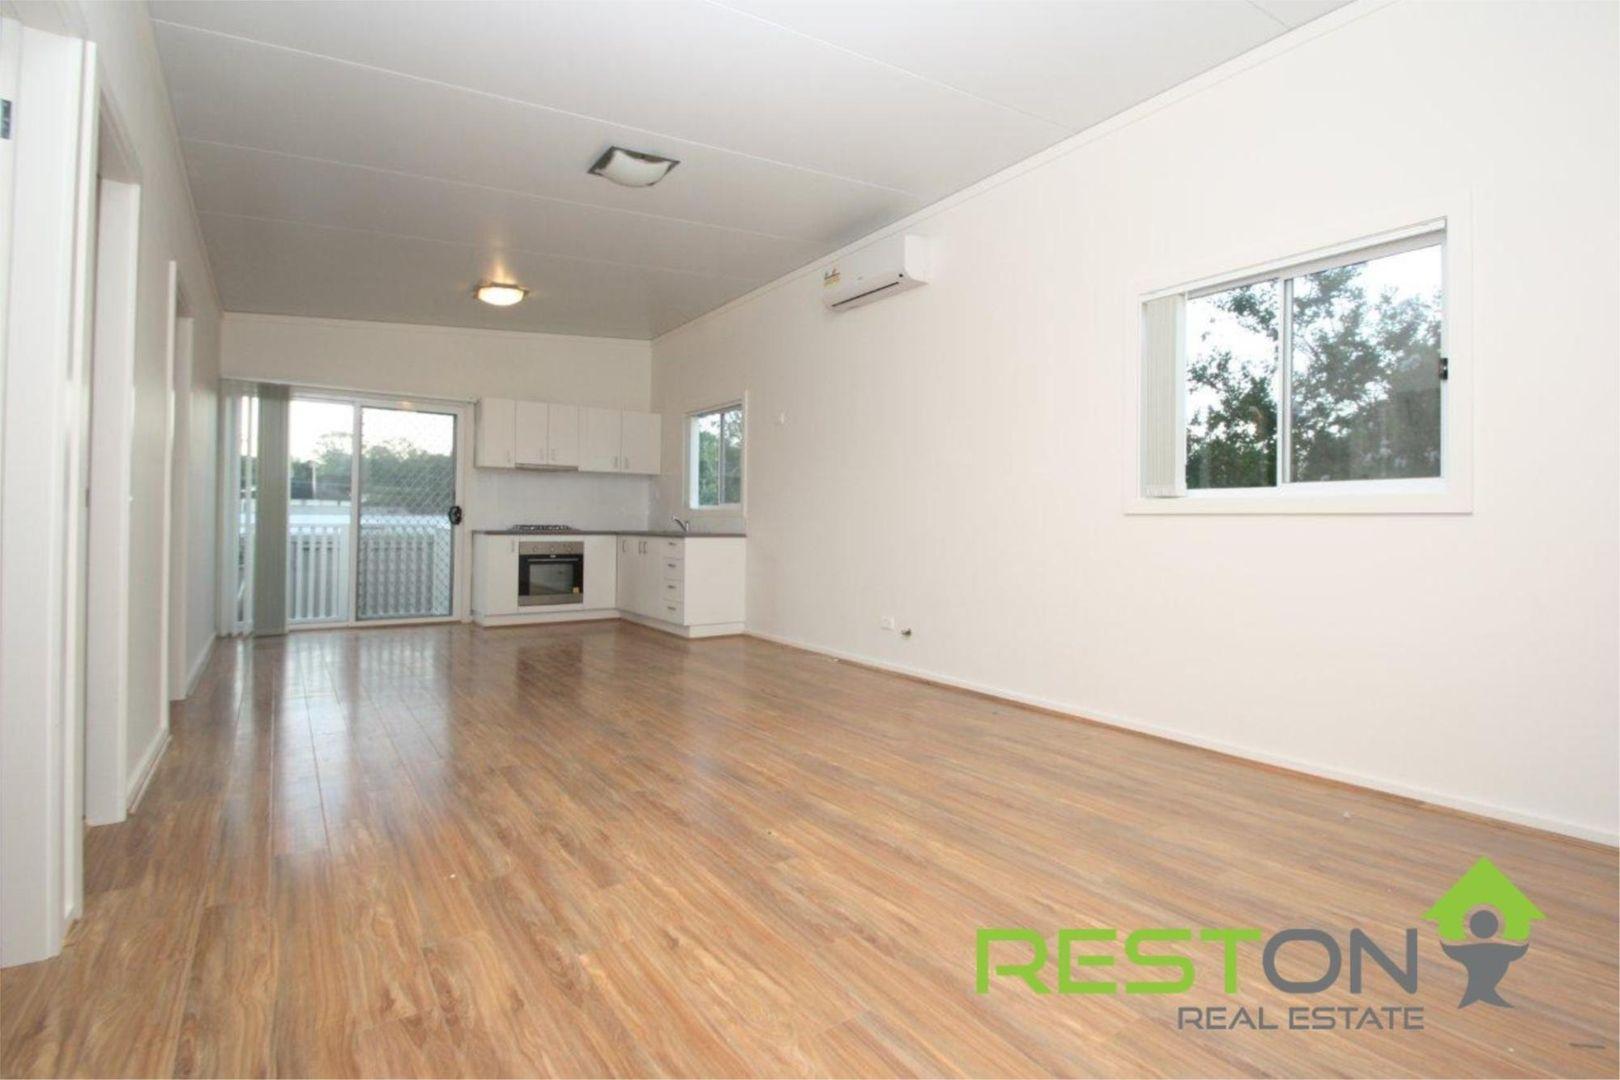 13A Macdonald Avenue, Lalor Park NSW 2147, Image 0